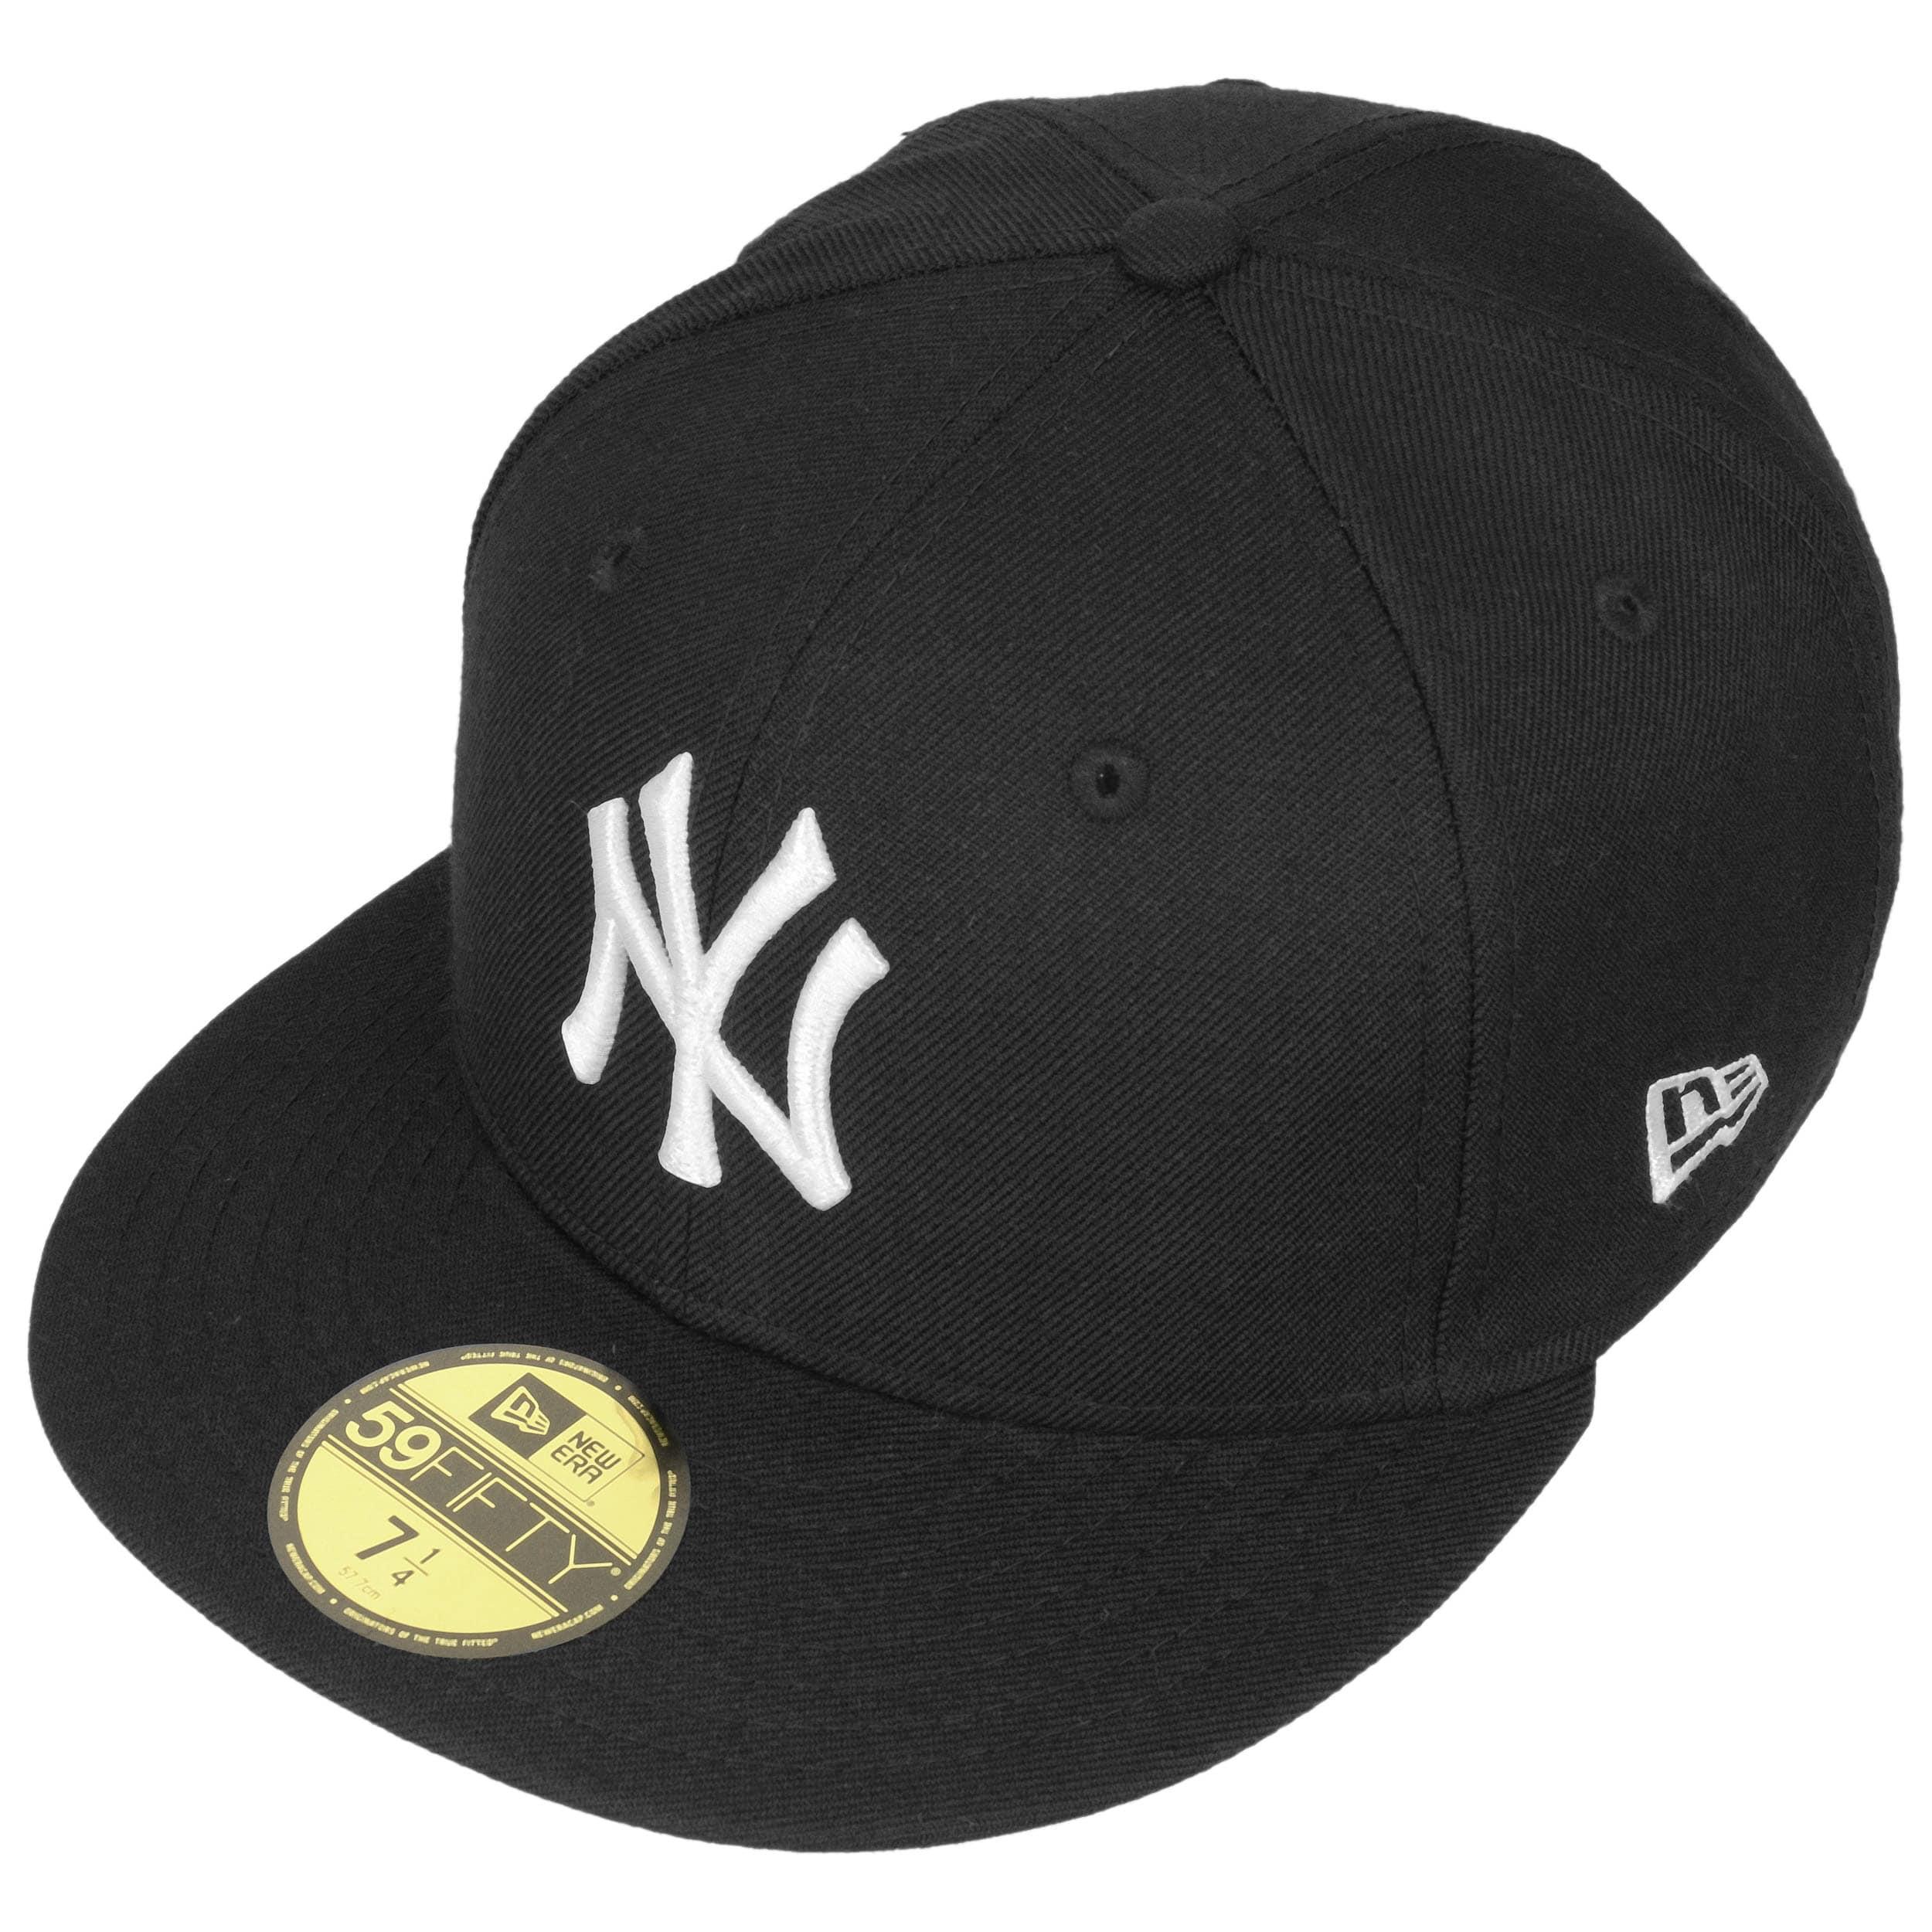 f45076f9aa9 ... 59Fifty MLB Basic NY Cap by New Era - schwarz 1 ...